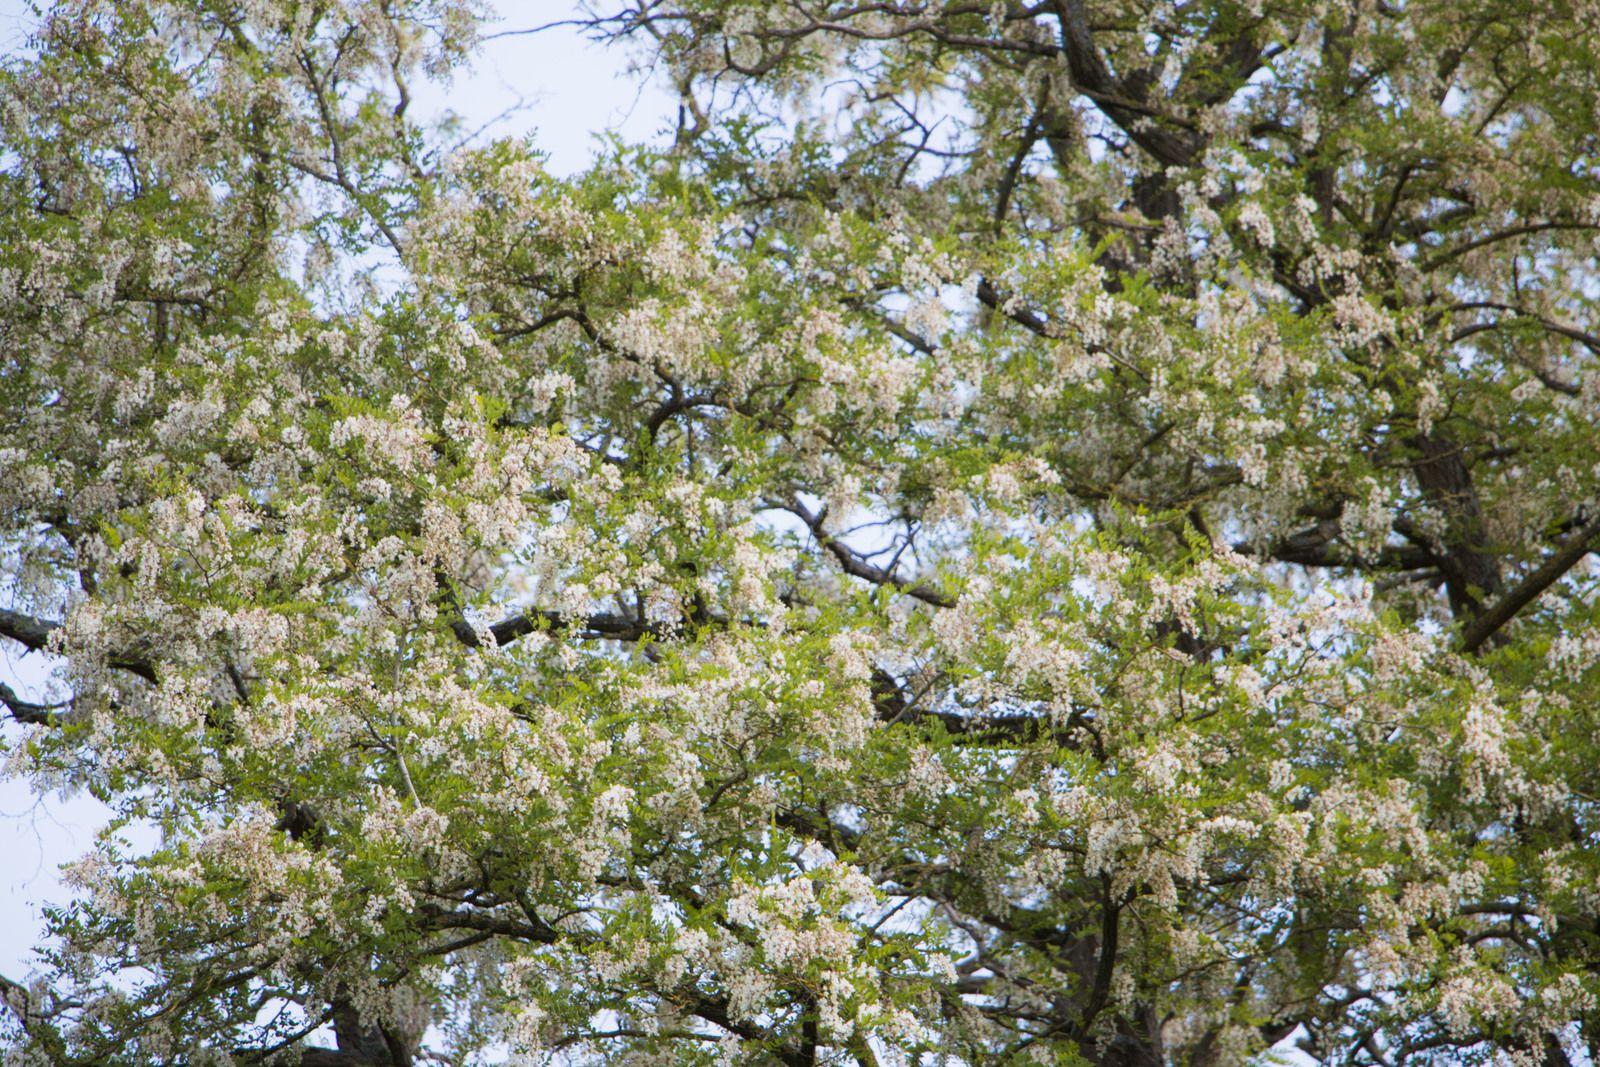 Les fleurs d'acacia dégagent un parfum unique très subtil. Les abeilles en rafolent et les apiculteurs proposent chaque année leur fameux miel d'acacia qui a la particularité de rester liquide.